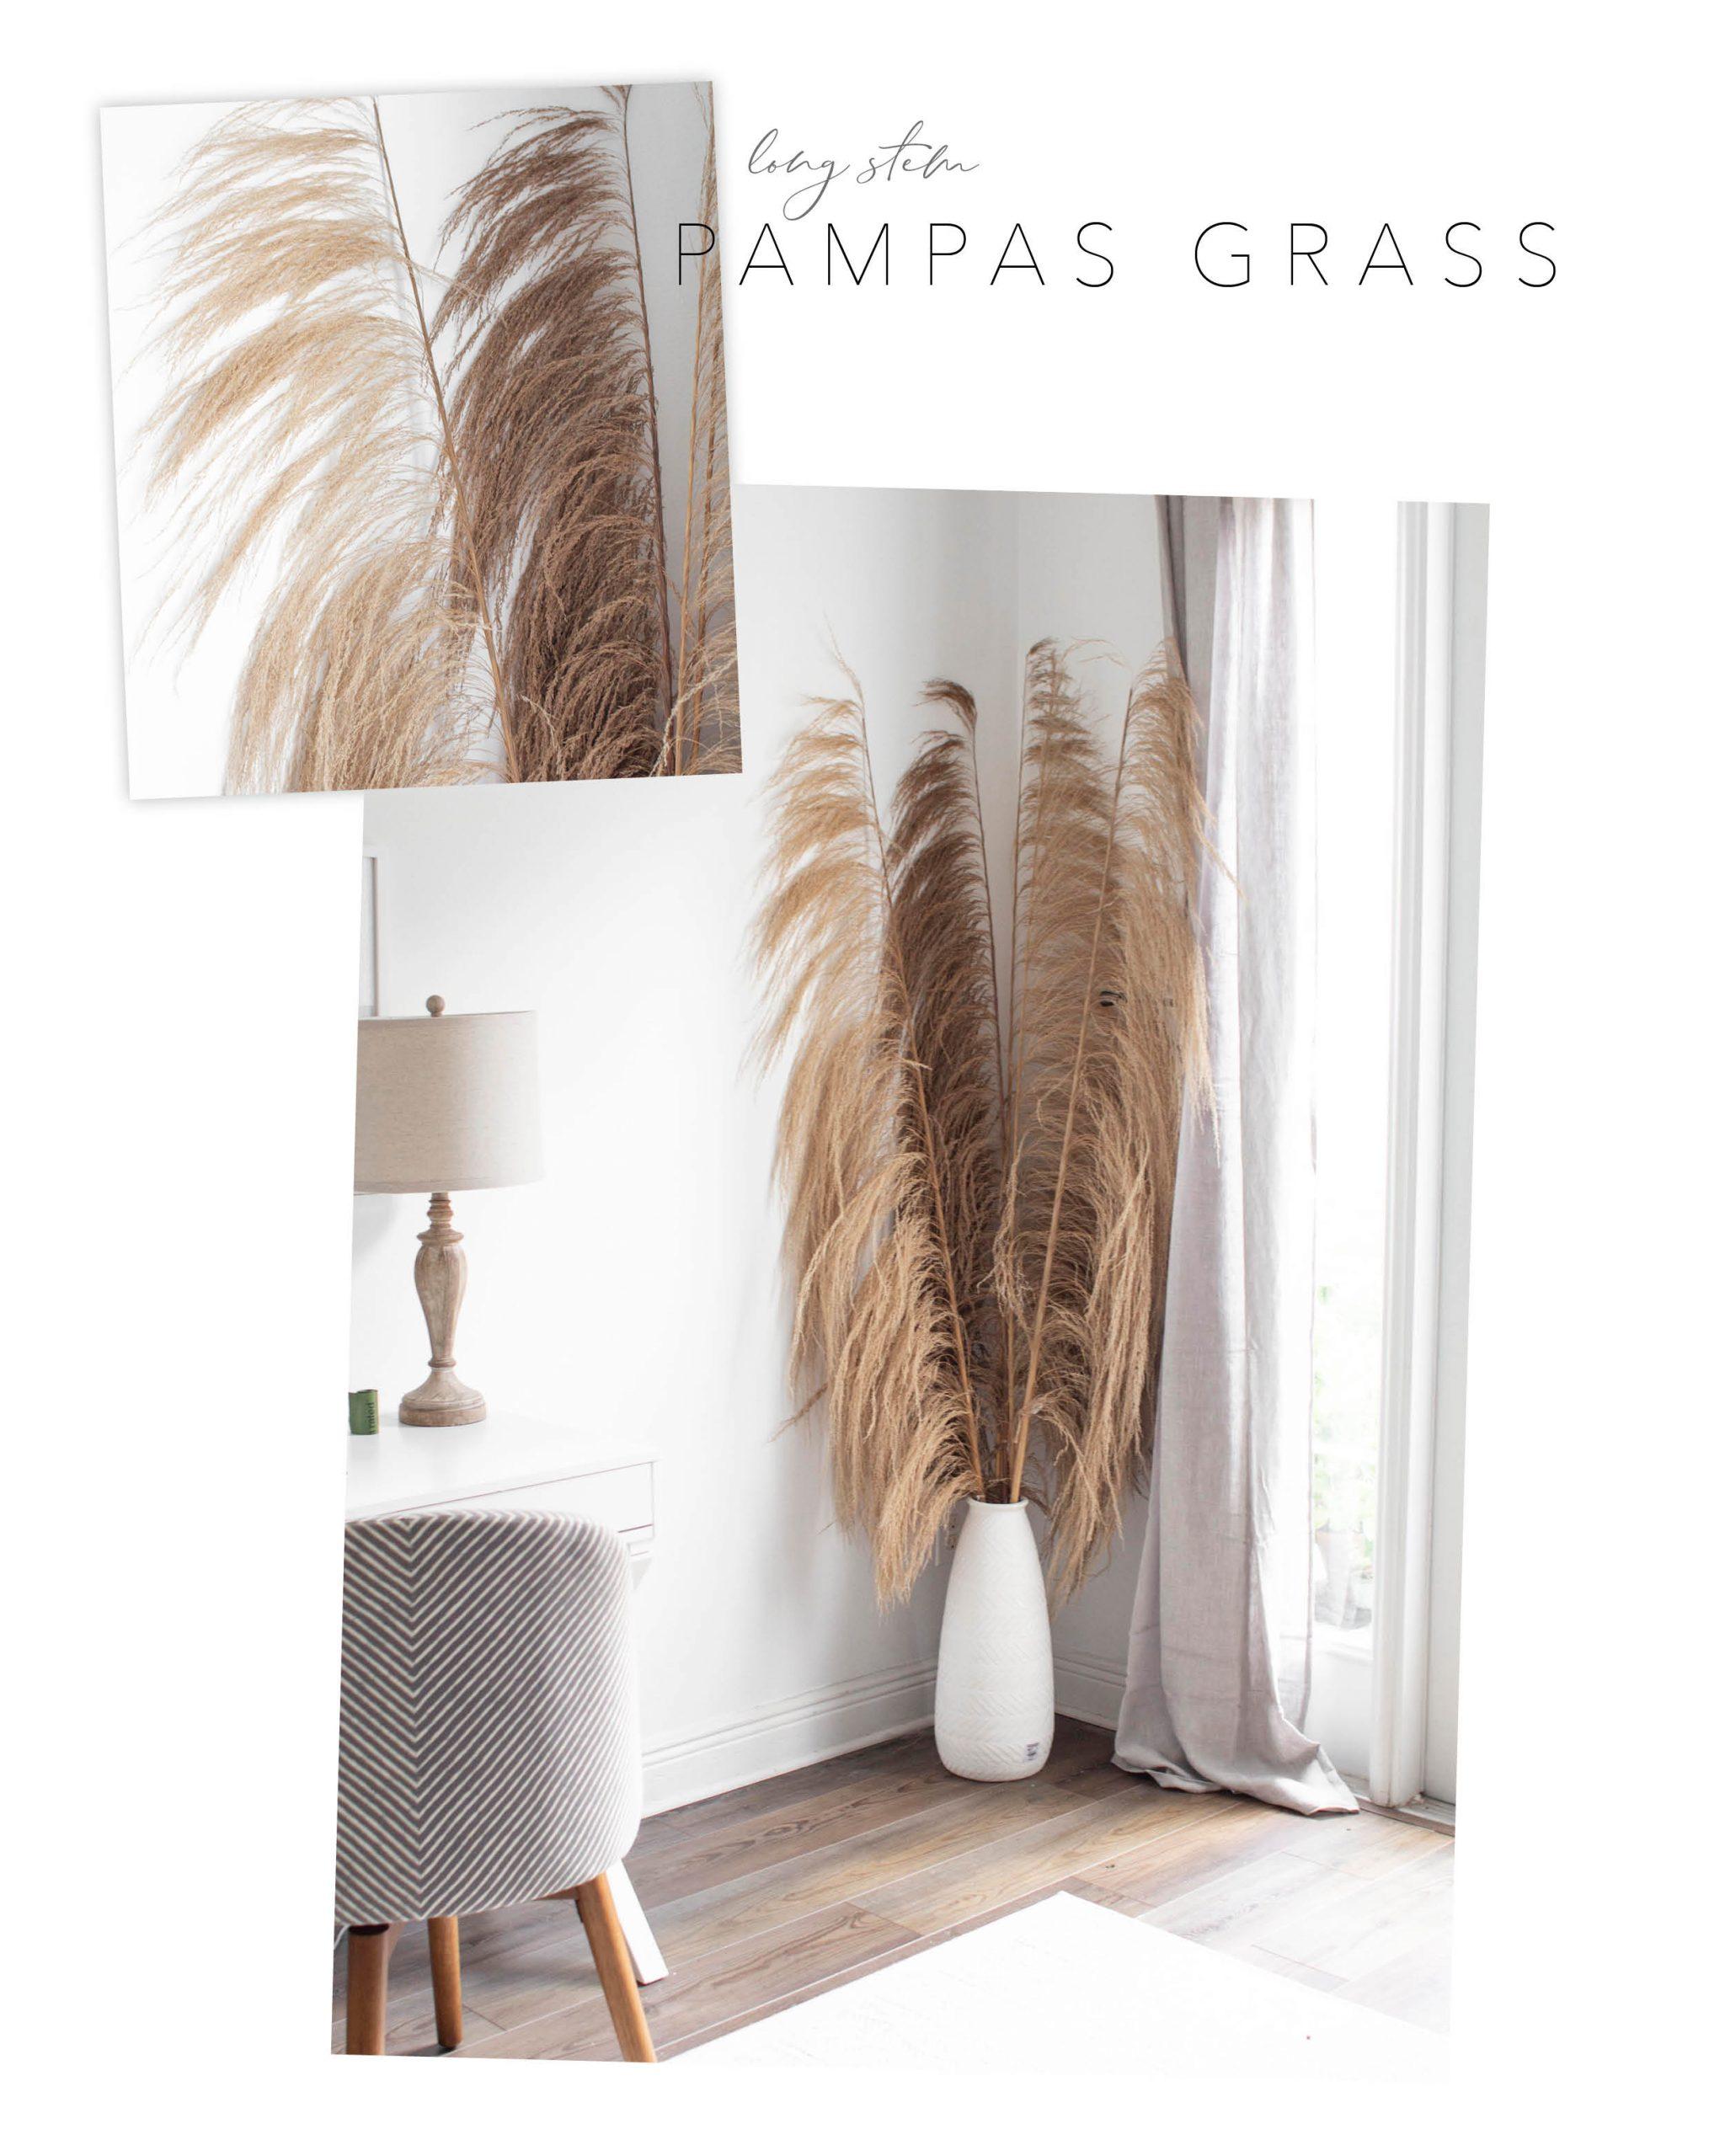 Pier 1 dupe tall pampas grass